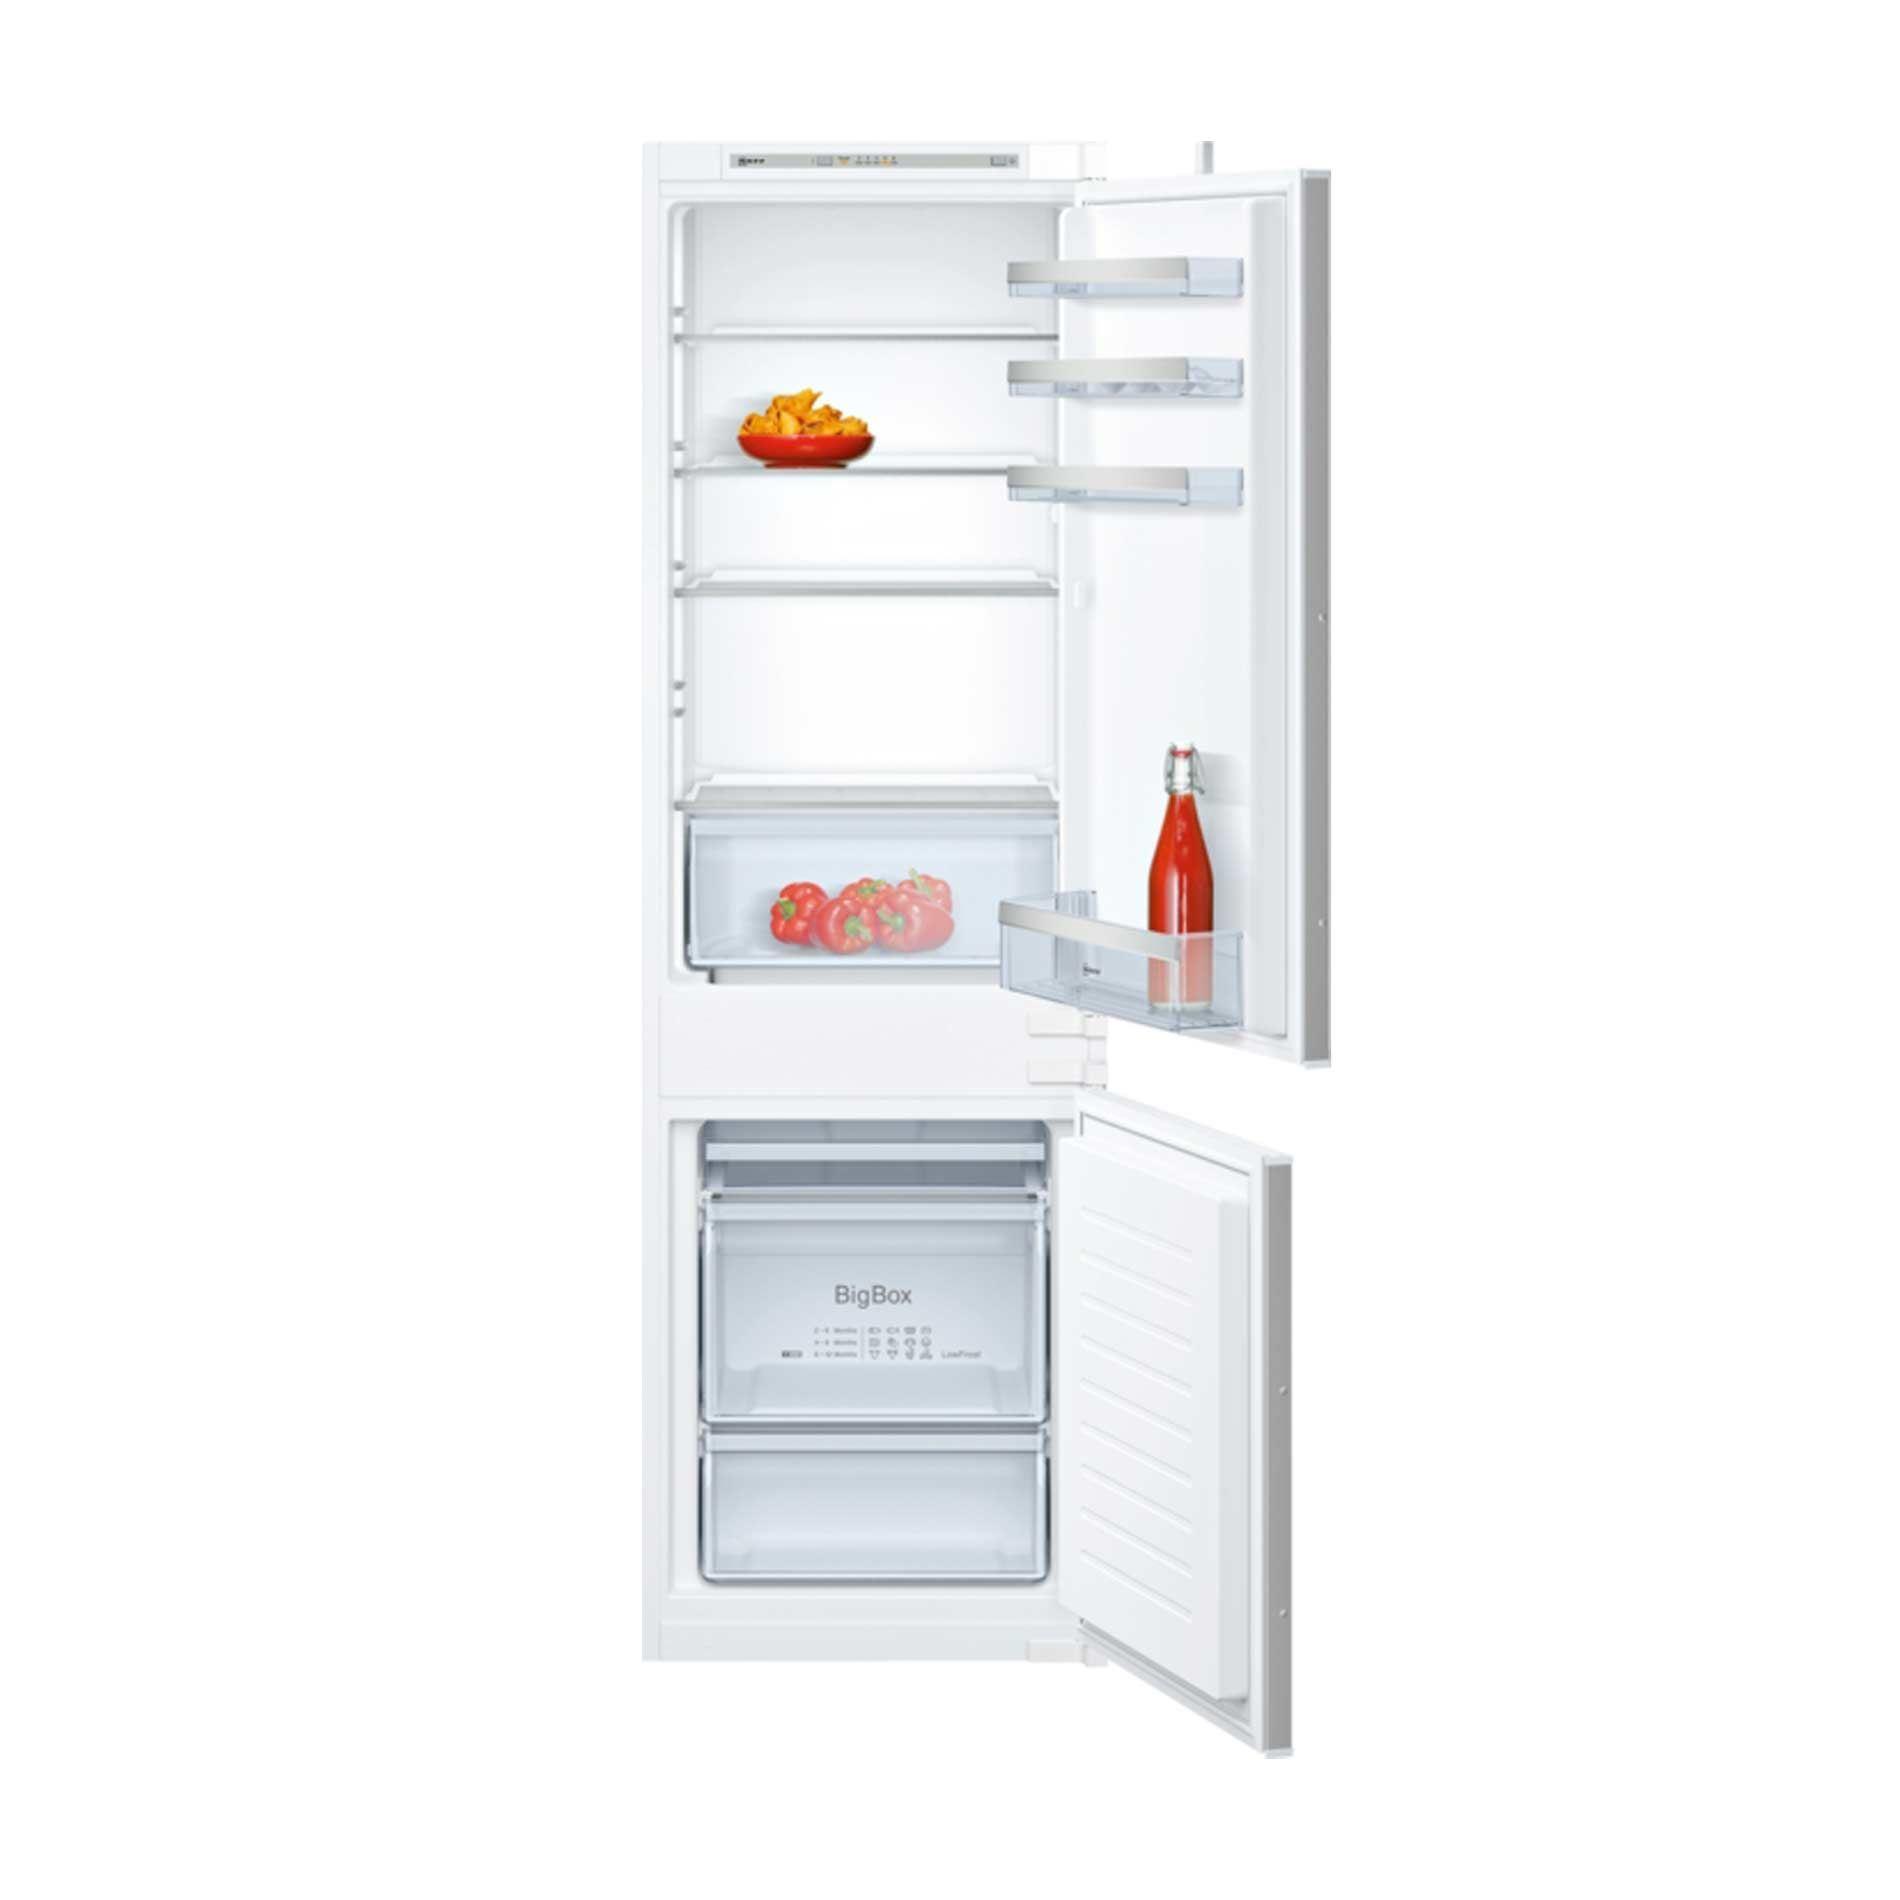 how to build a freezer